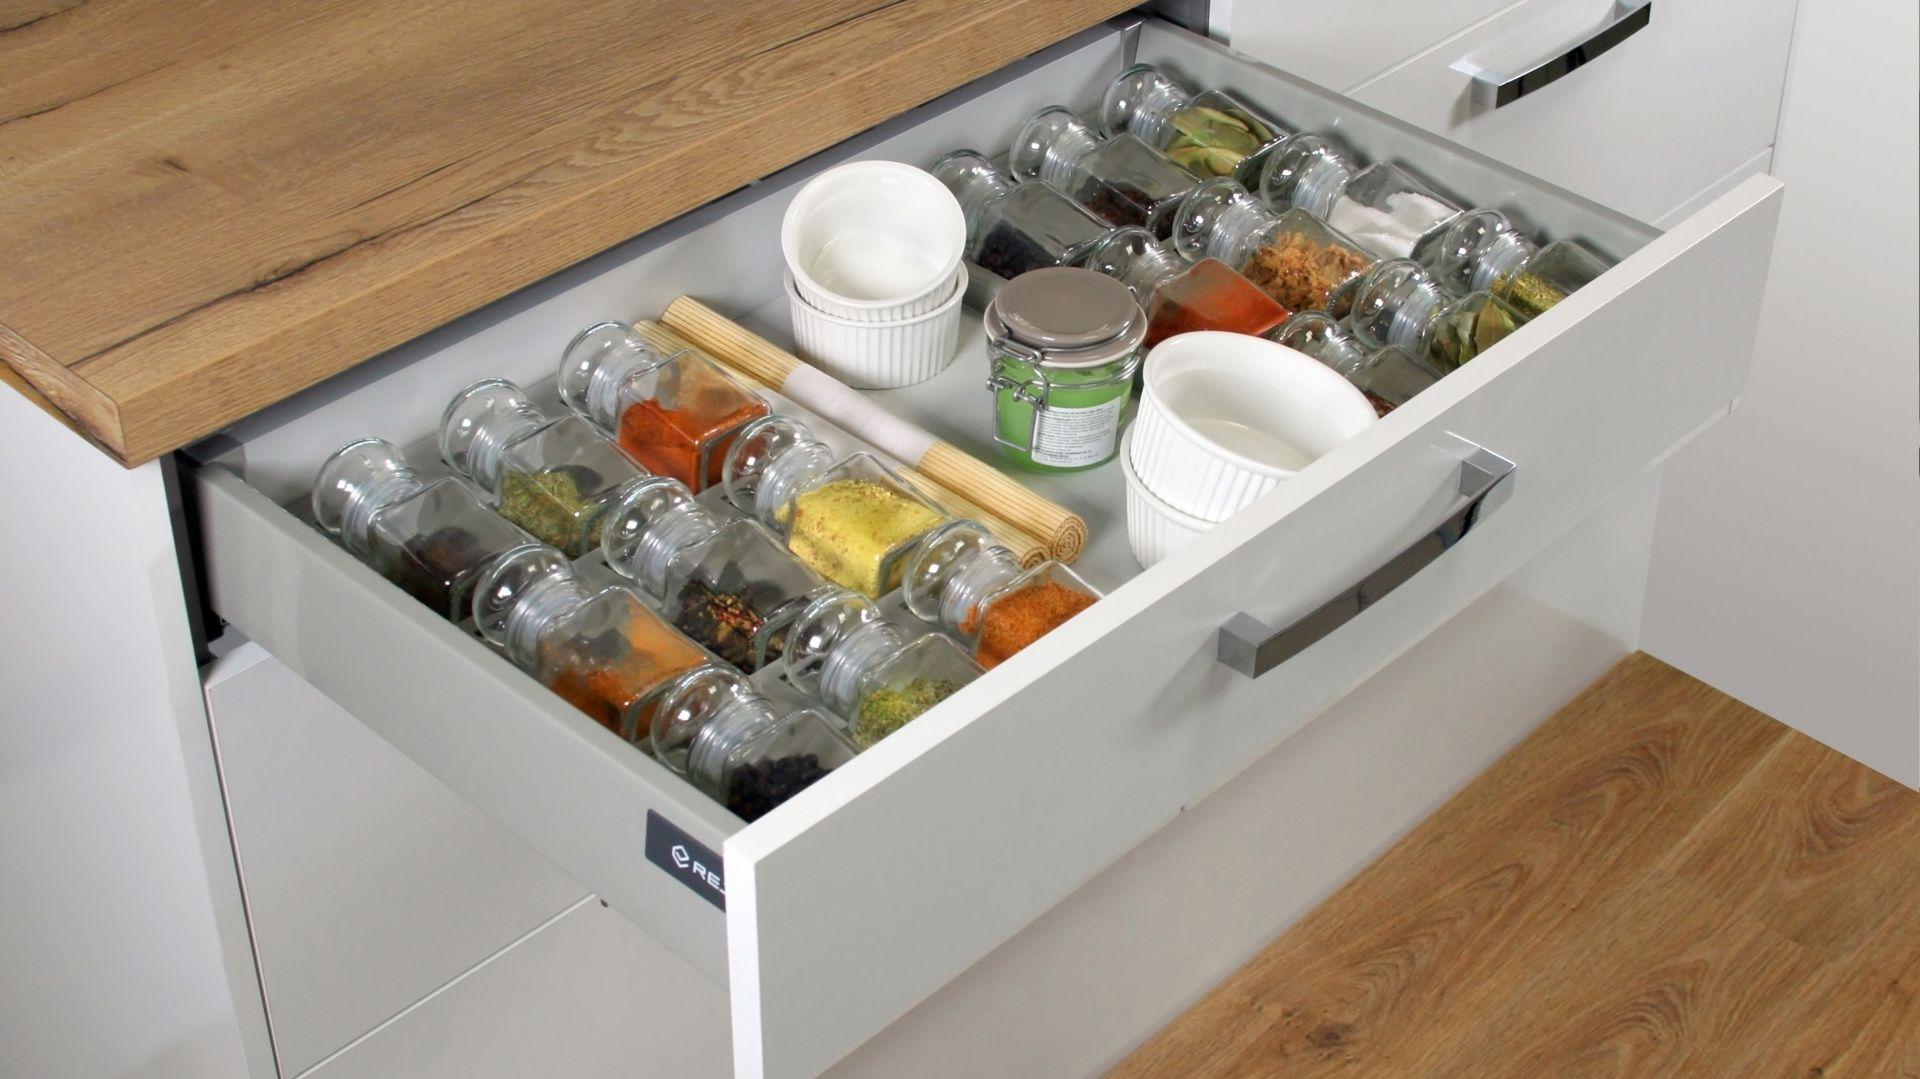 Przechowywanie W Kuchni Wybierz Praktyczne Szuflady